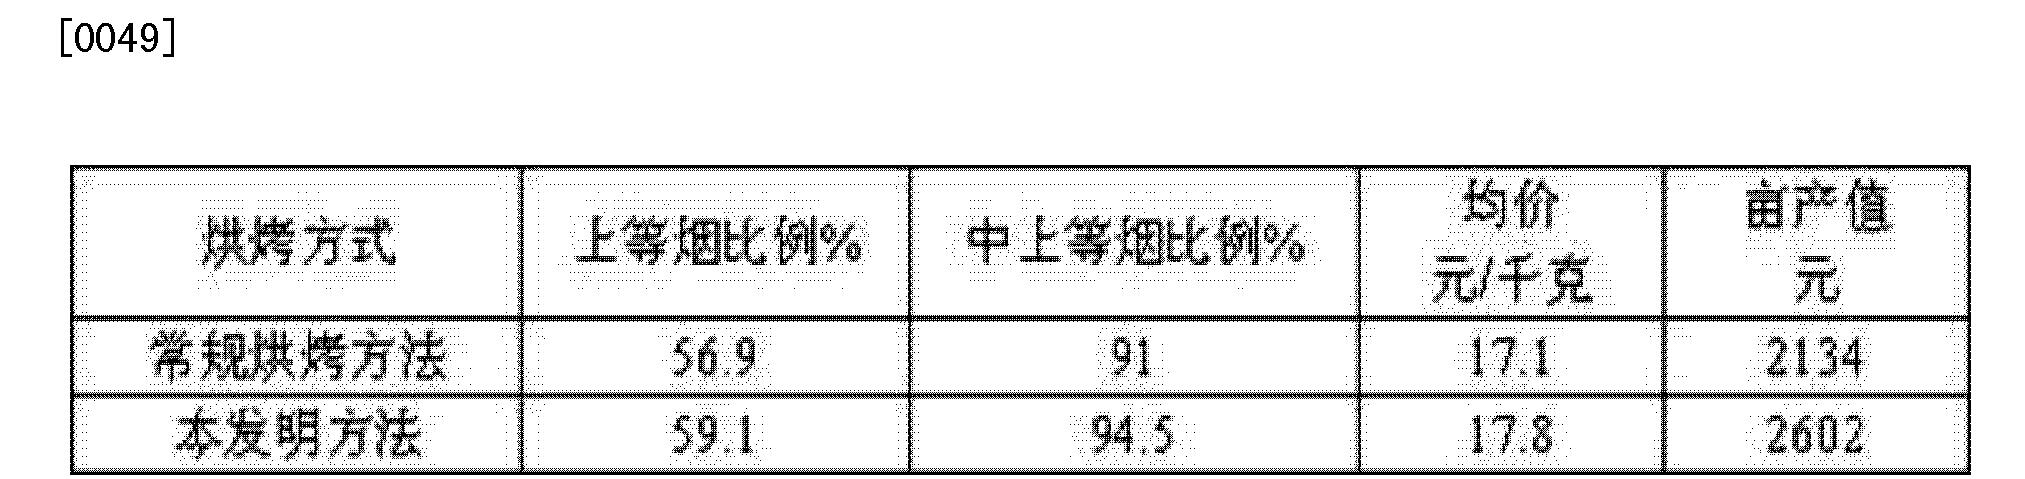 Figure CN102640977BD00093